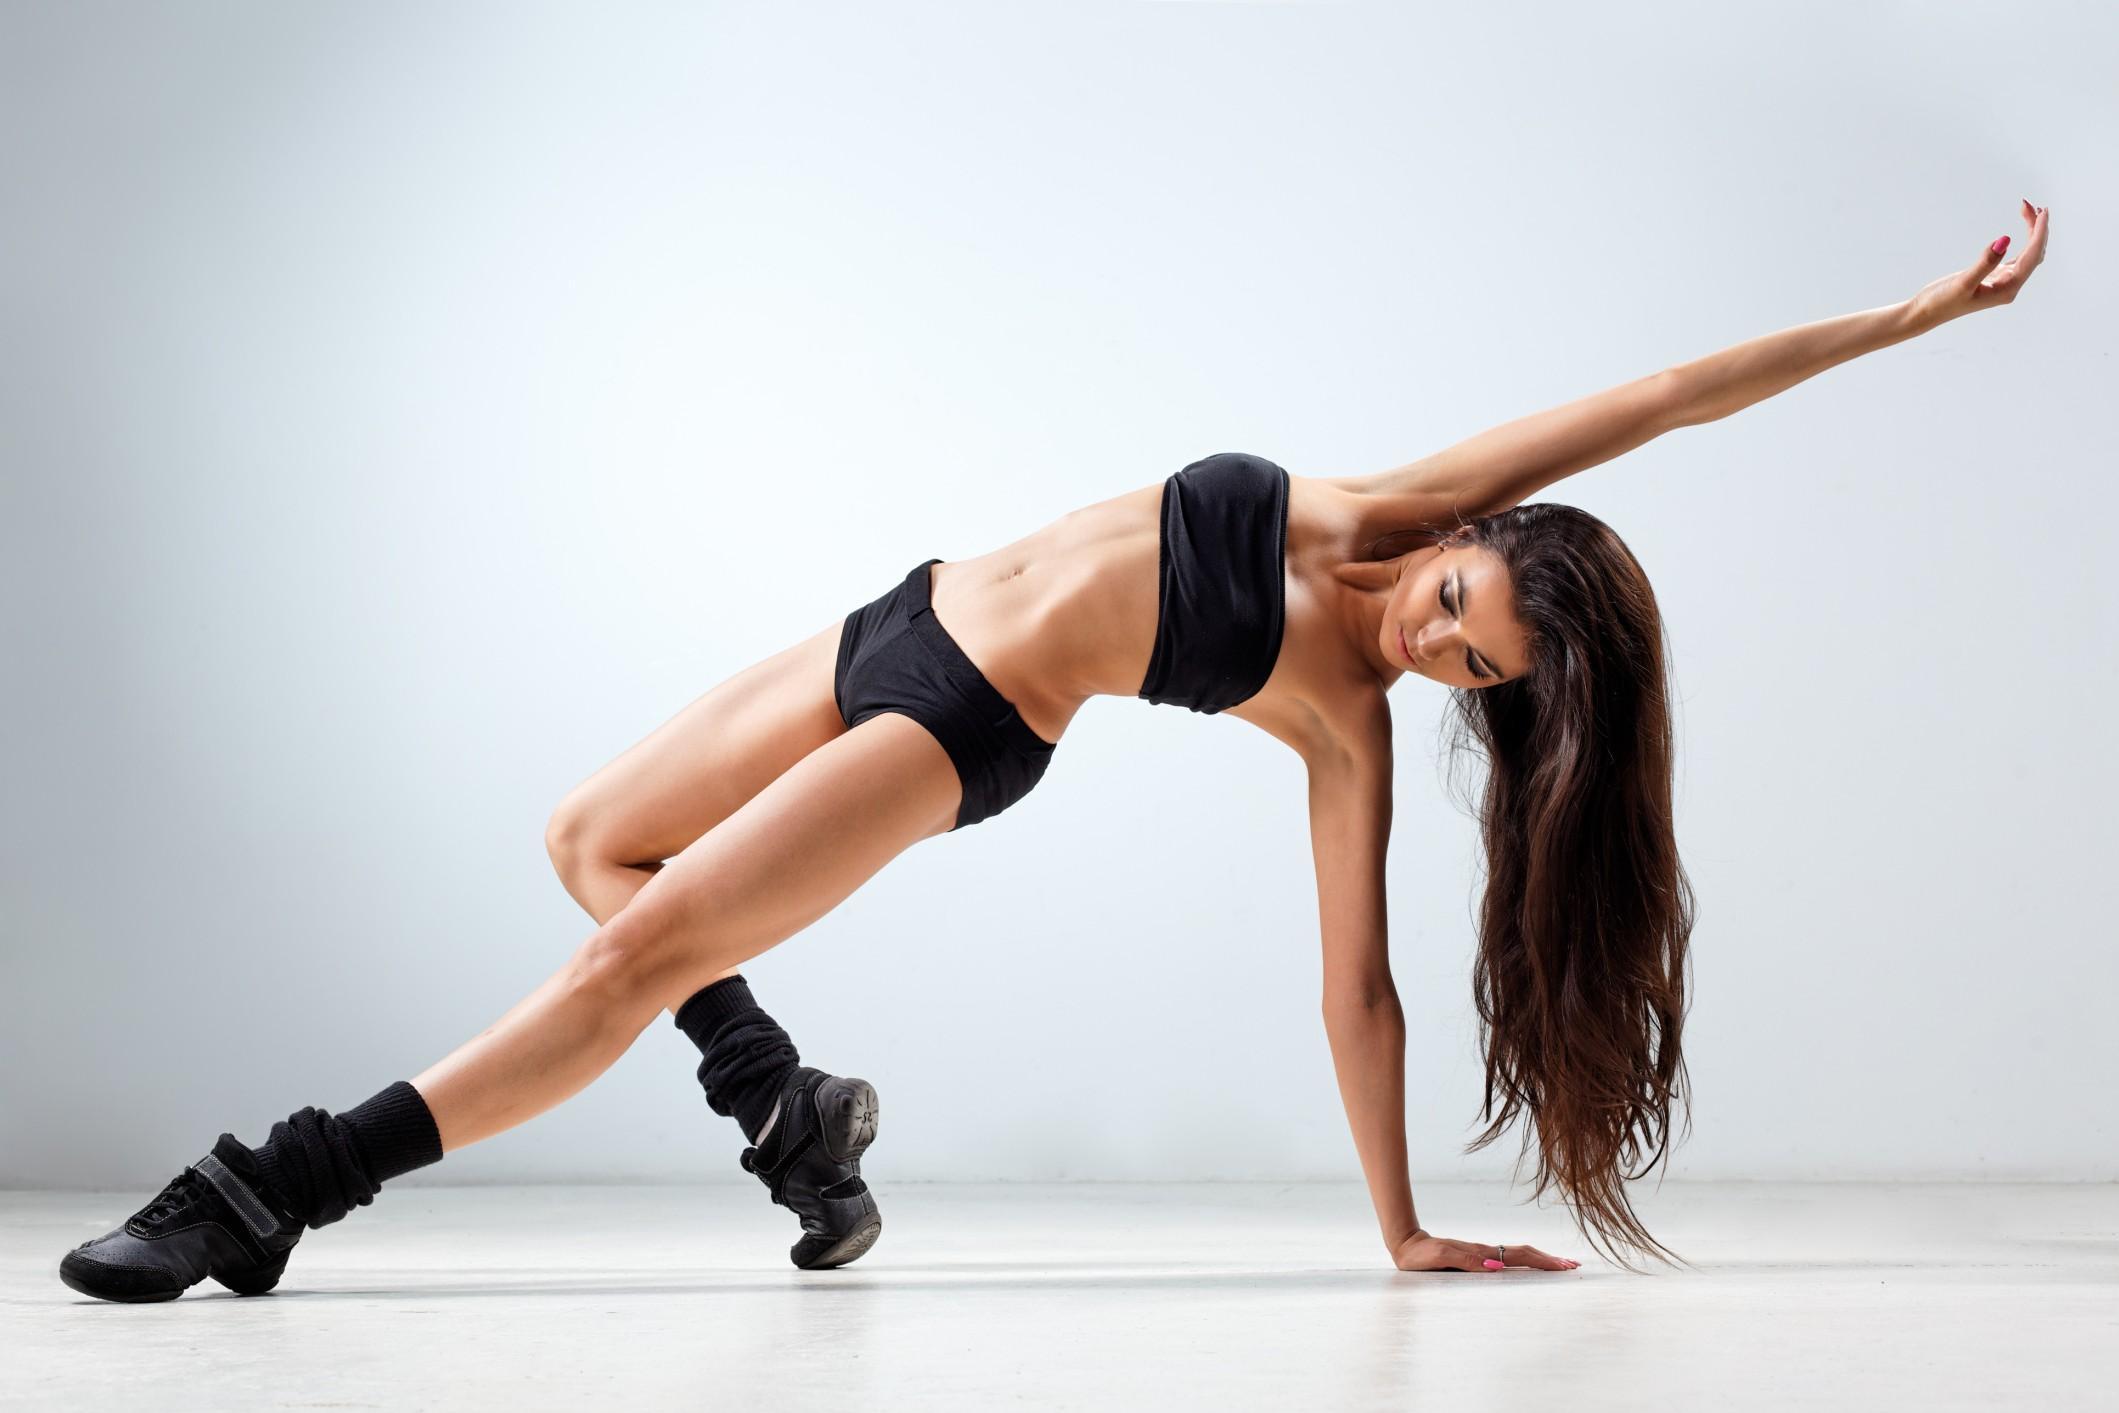 позы для фото фитнес многие